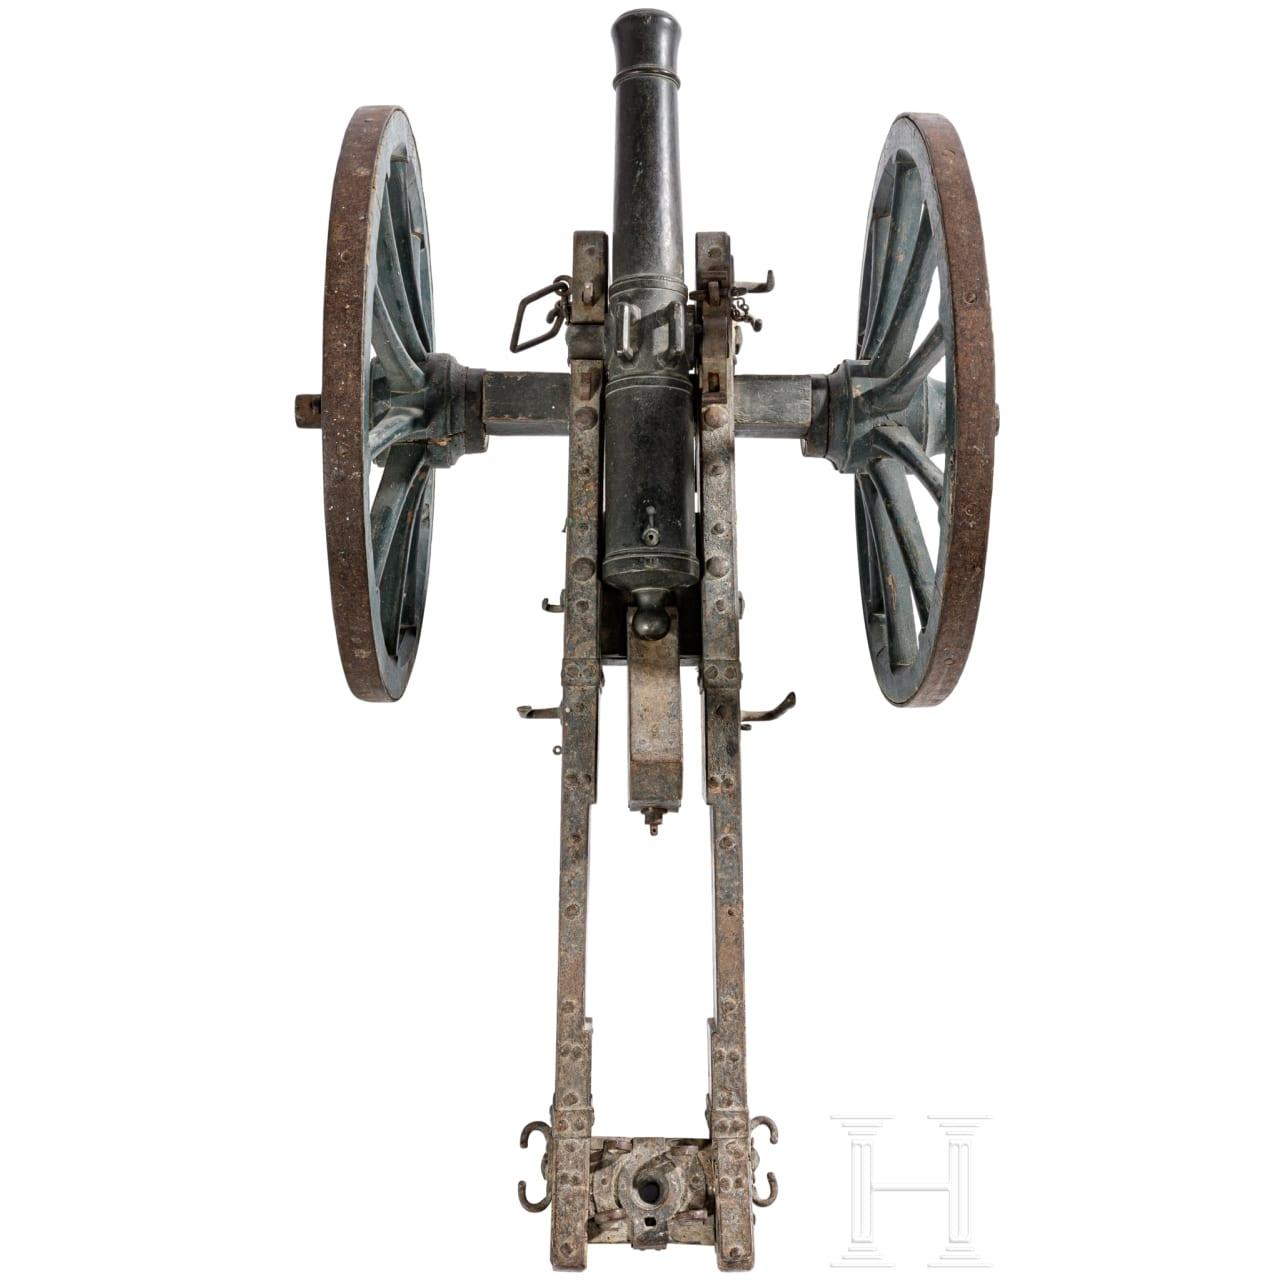 Miniatur-Feldgeschütz, Frankreich, um 1800